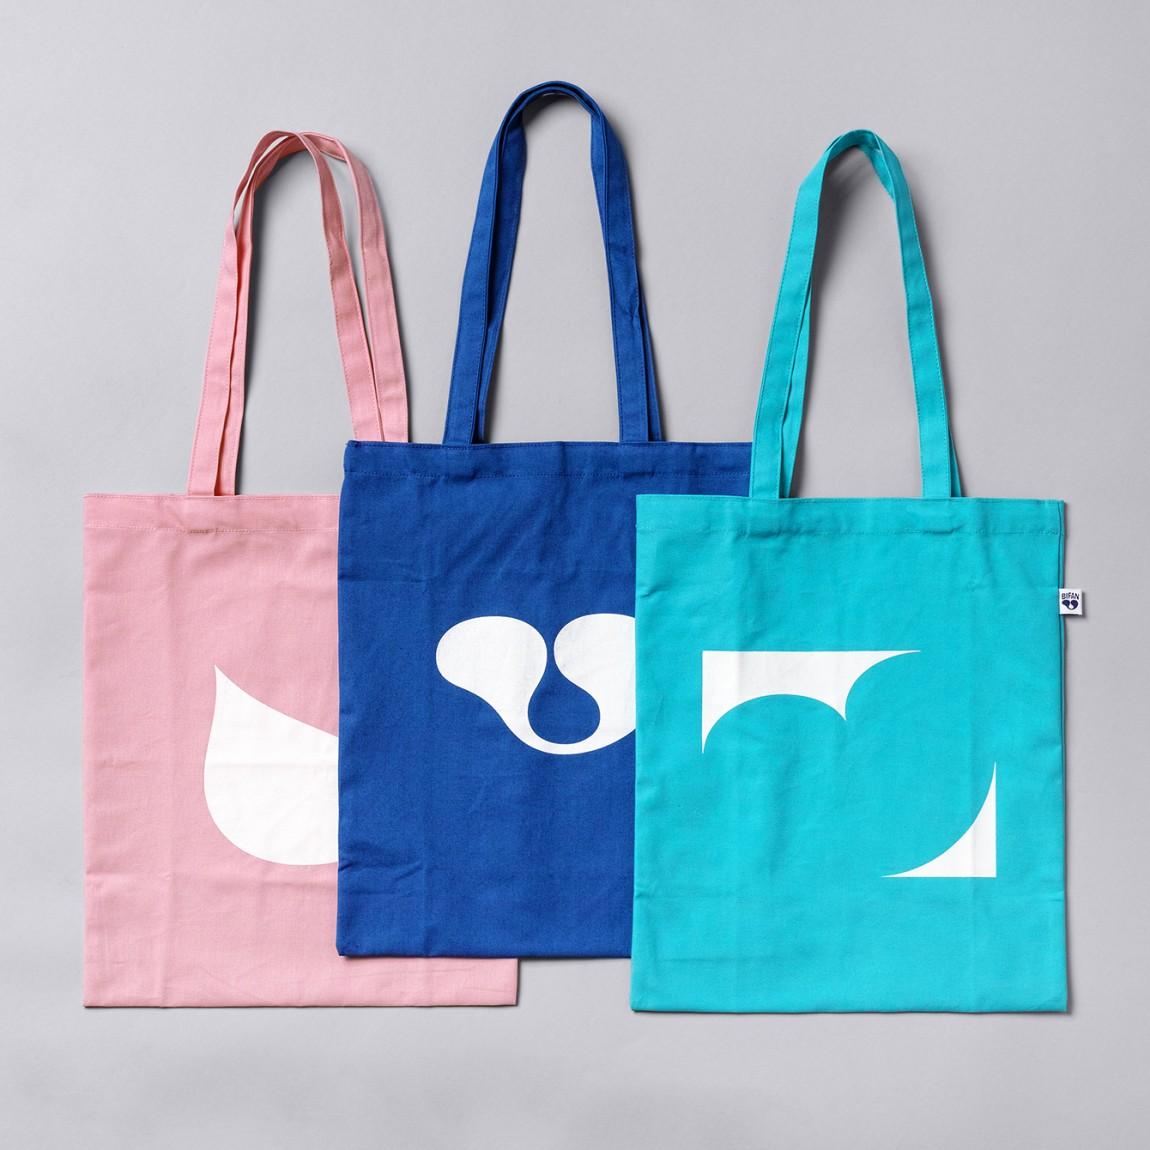 BIFAN品牌形象VI设计,广告袋设计